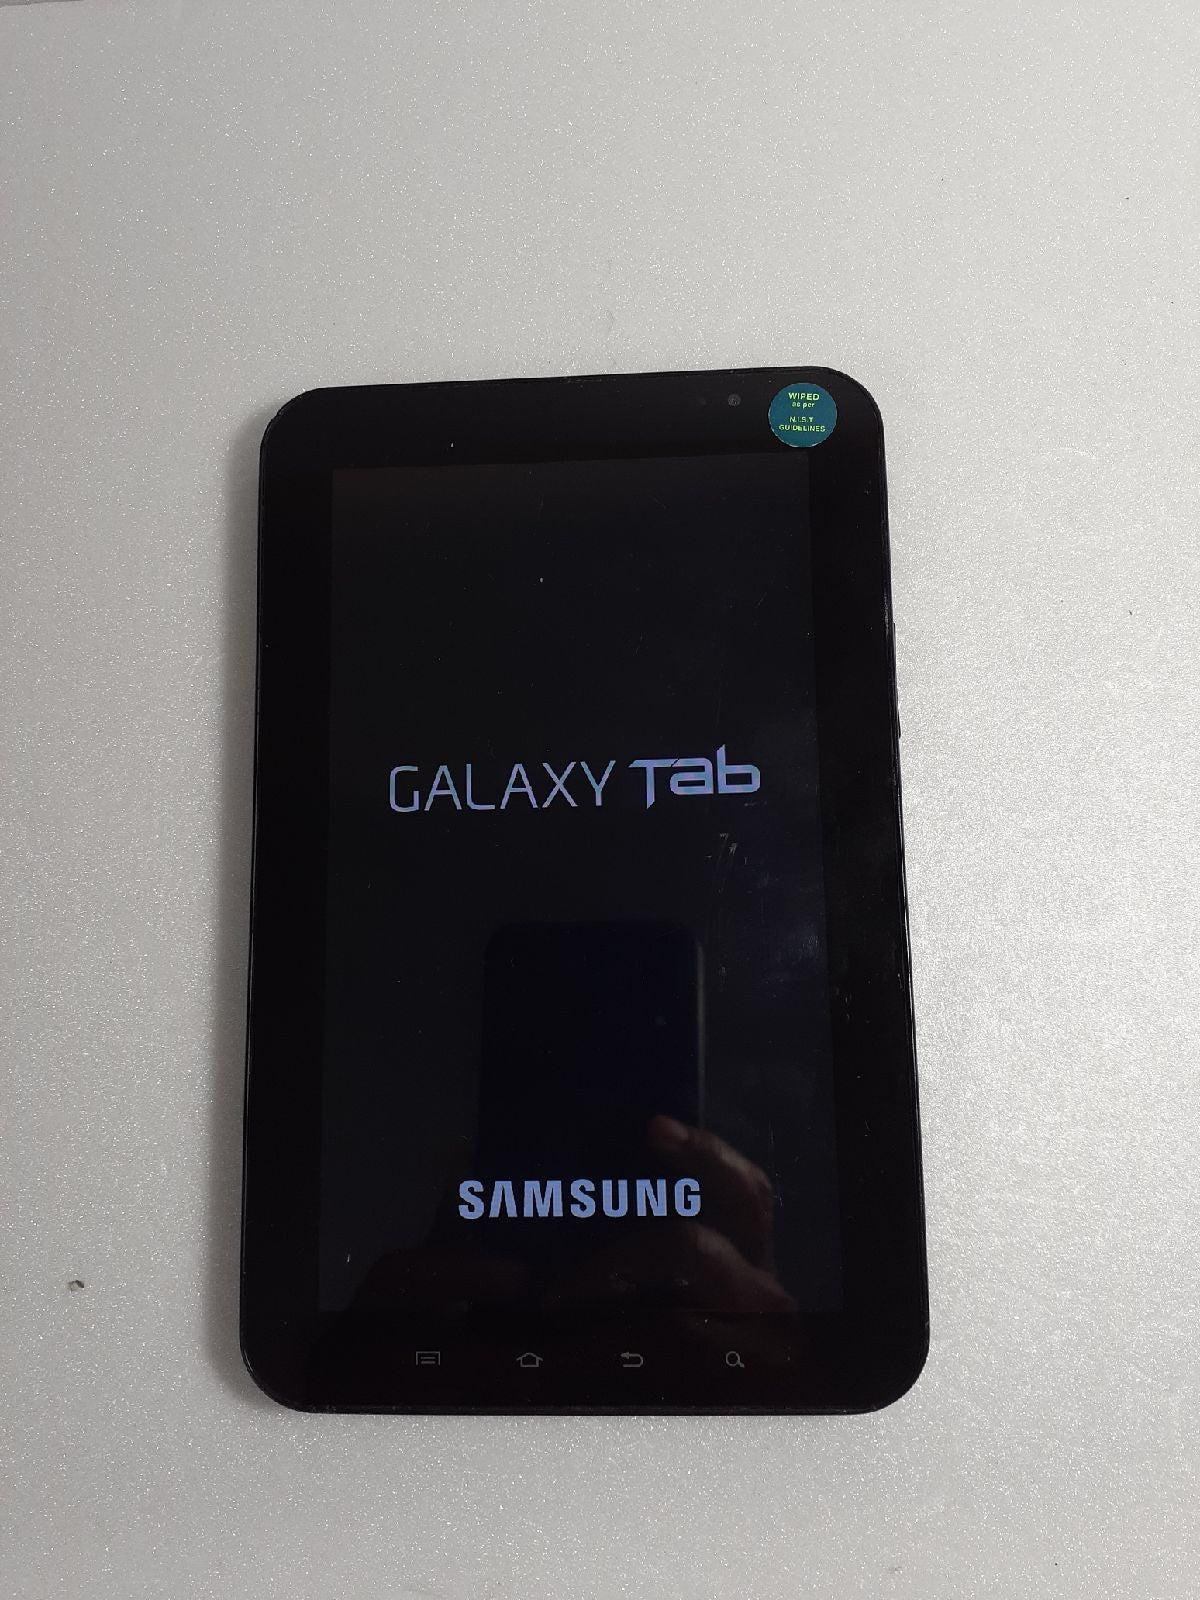 Samsung galaxy tab gt-p1000r 16gb 7inch